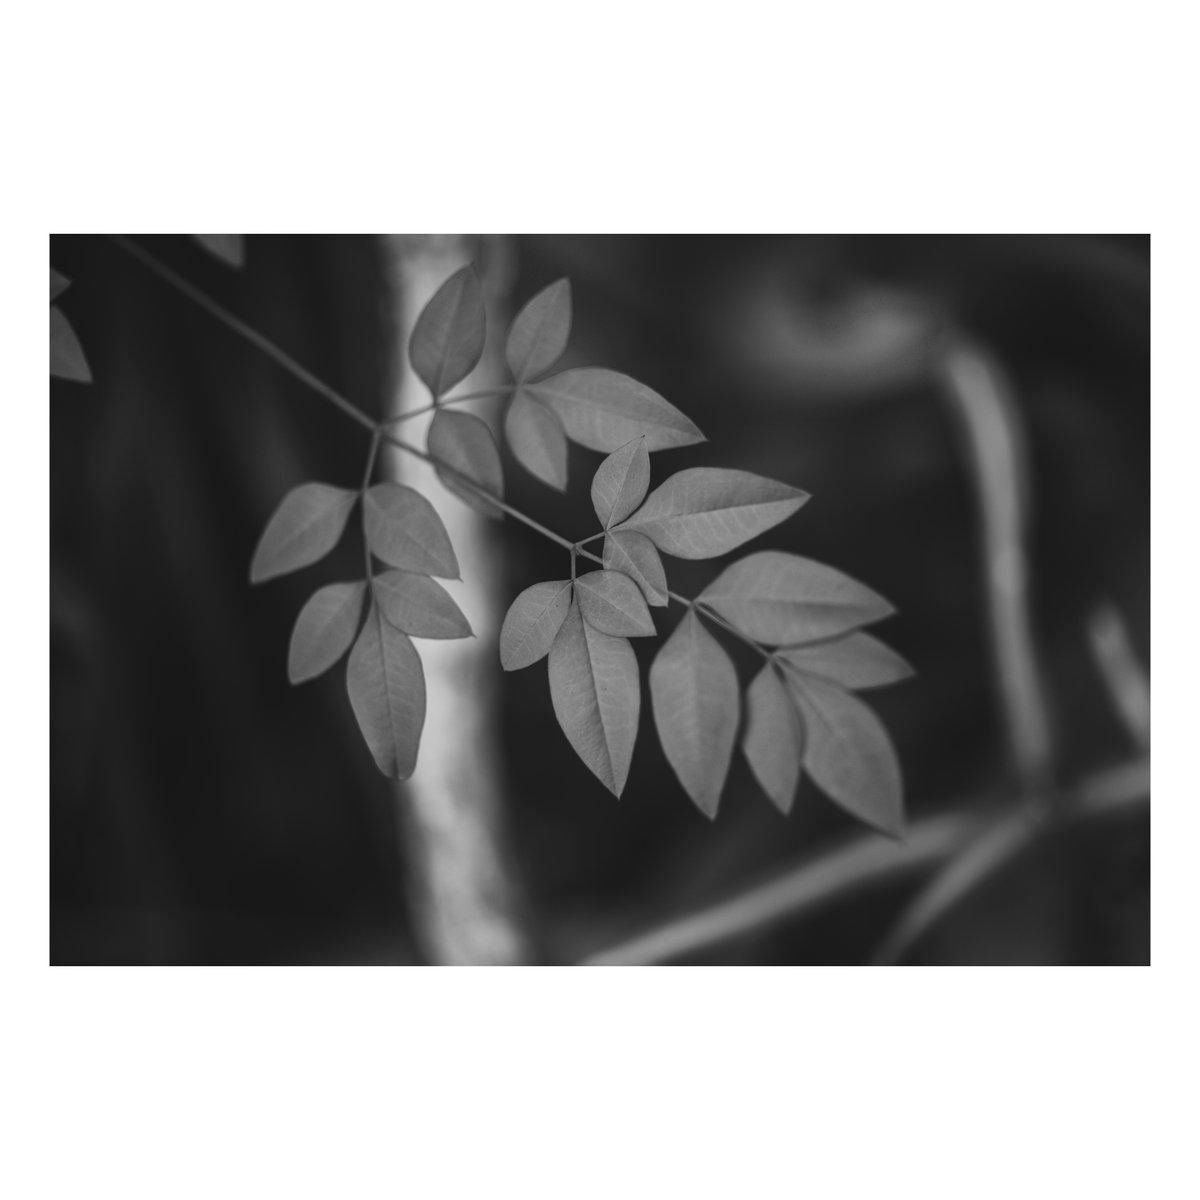 凛と。 #写真 #ファインダー越しの私の世界  #写真シェア #写真好きと繋がりたい #monochrome #モノクロ #モノクロの世界 #Nikon #Z6 #マクロプラナー #Makroplanar #Milvus #お写ん歩 #vsco